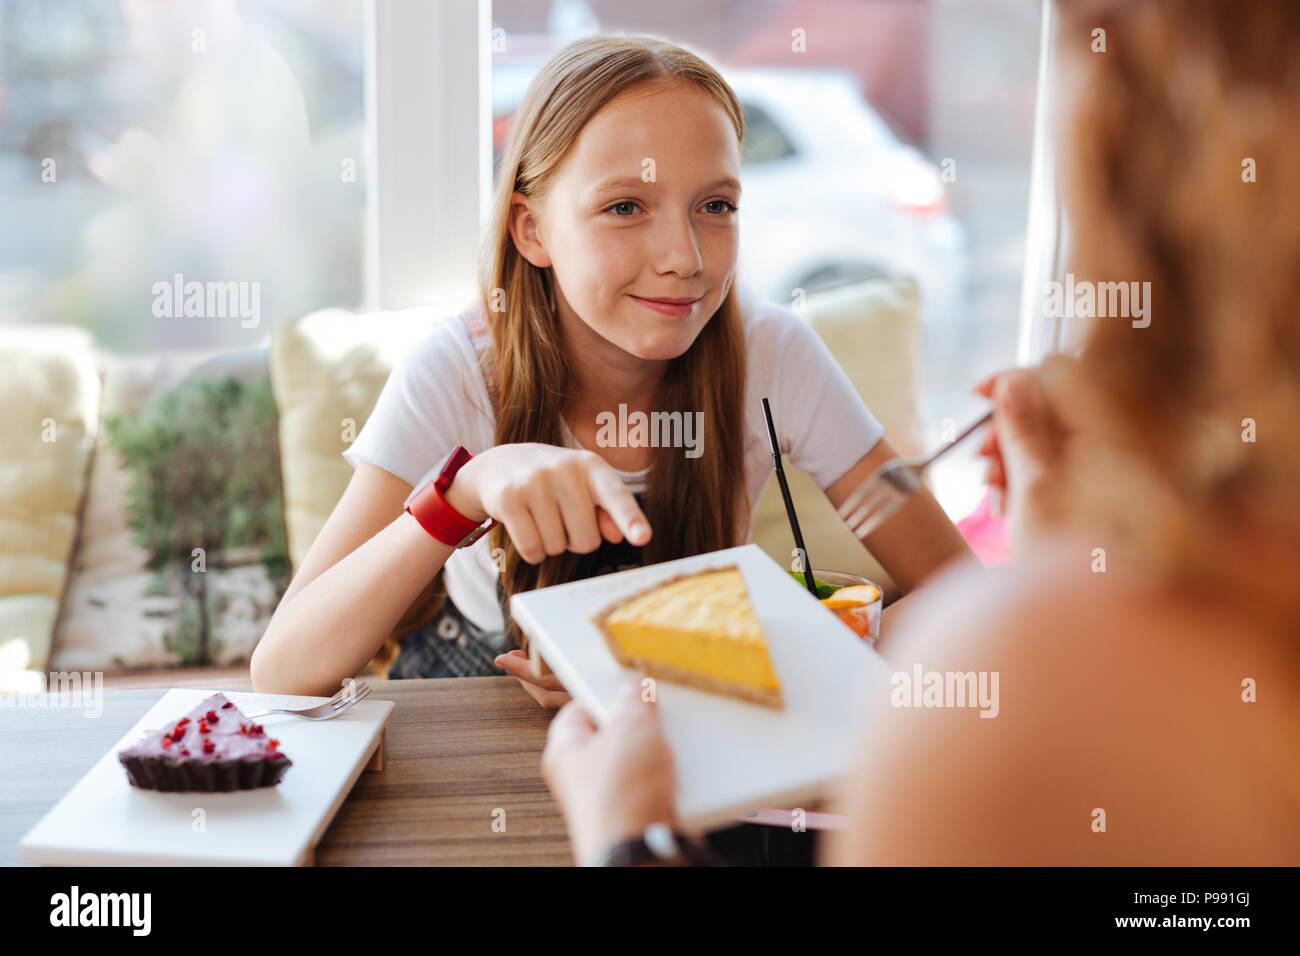 Bionda schoolgirl mangiare dolci con madre Immagini Stock